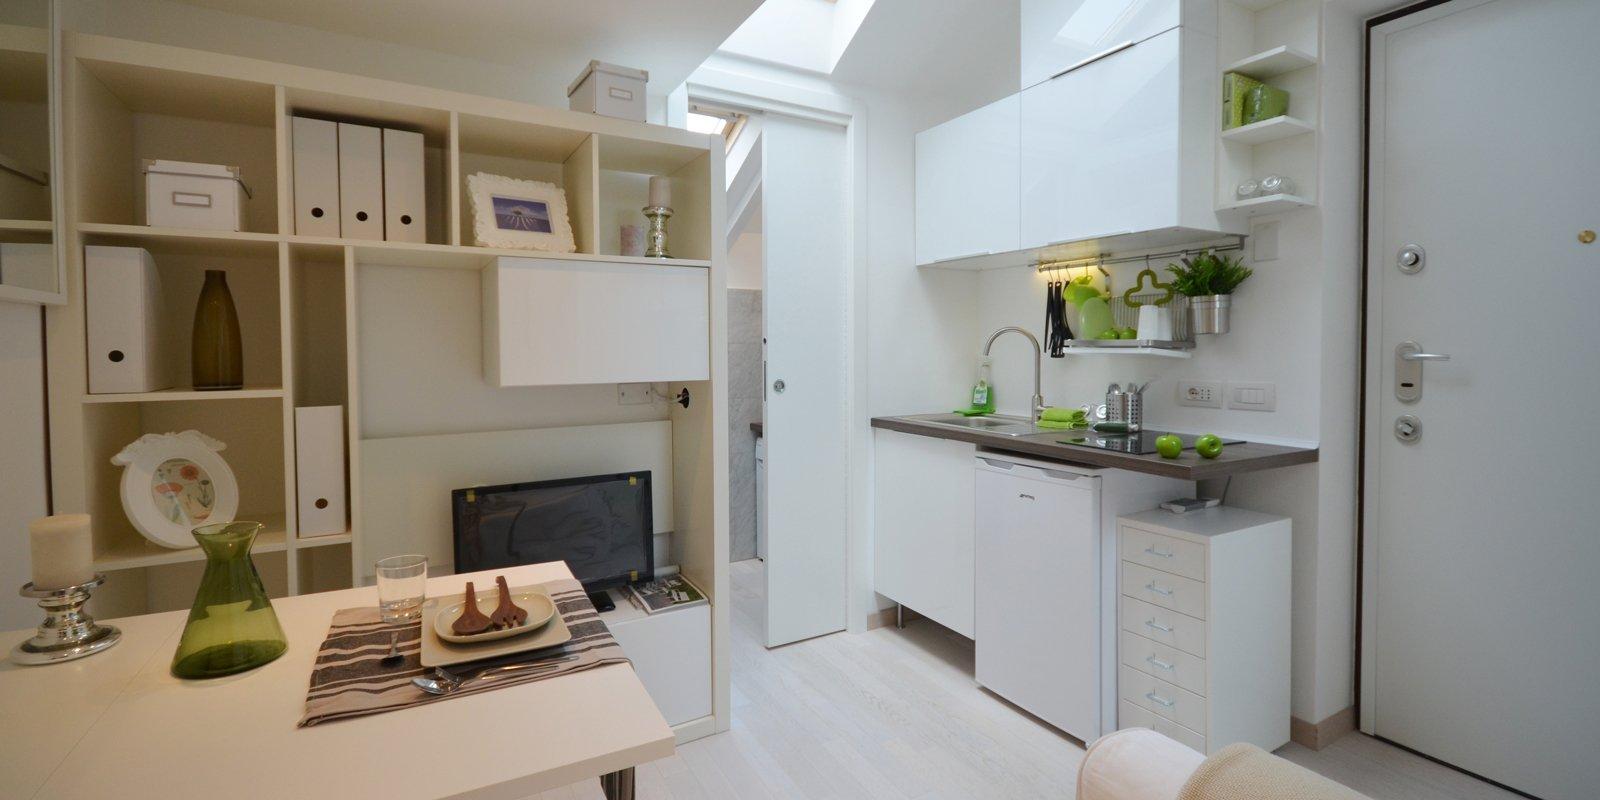 Monolocale di taglia small nella mini mansarda 8 spunti per sfruttare bene lo spazio cose di casa - Fiere per la casa ...